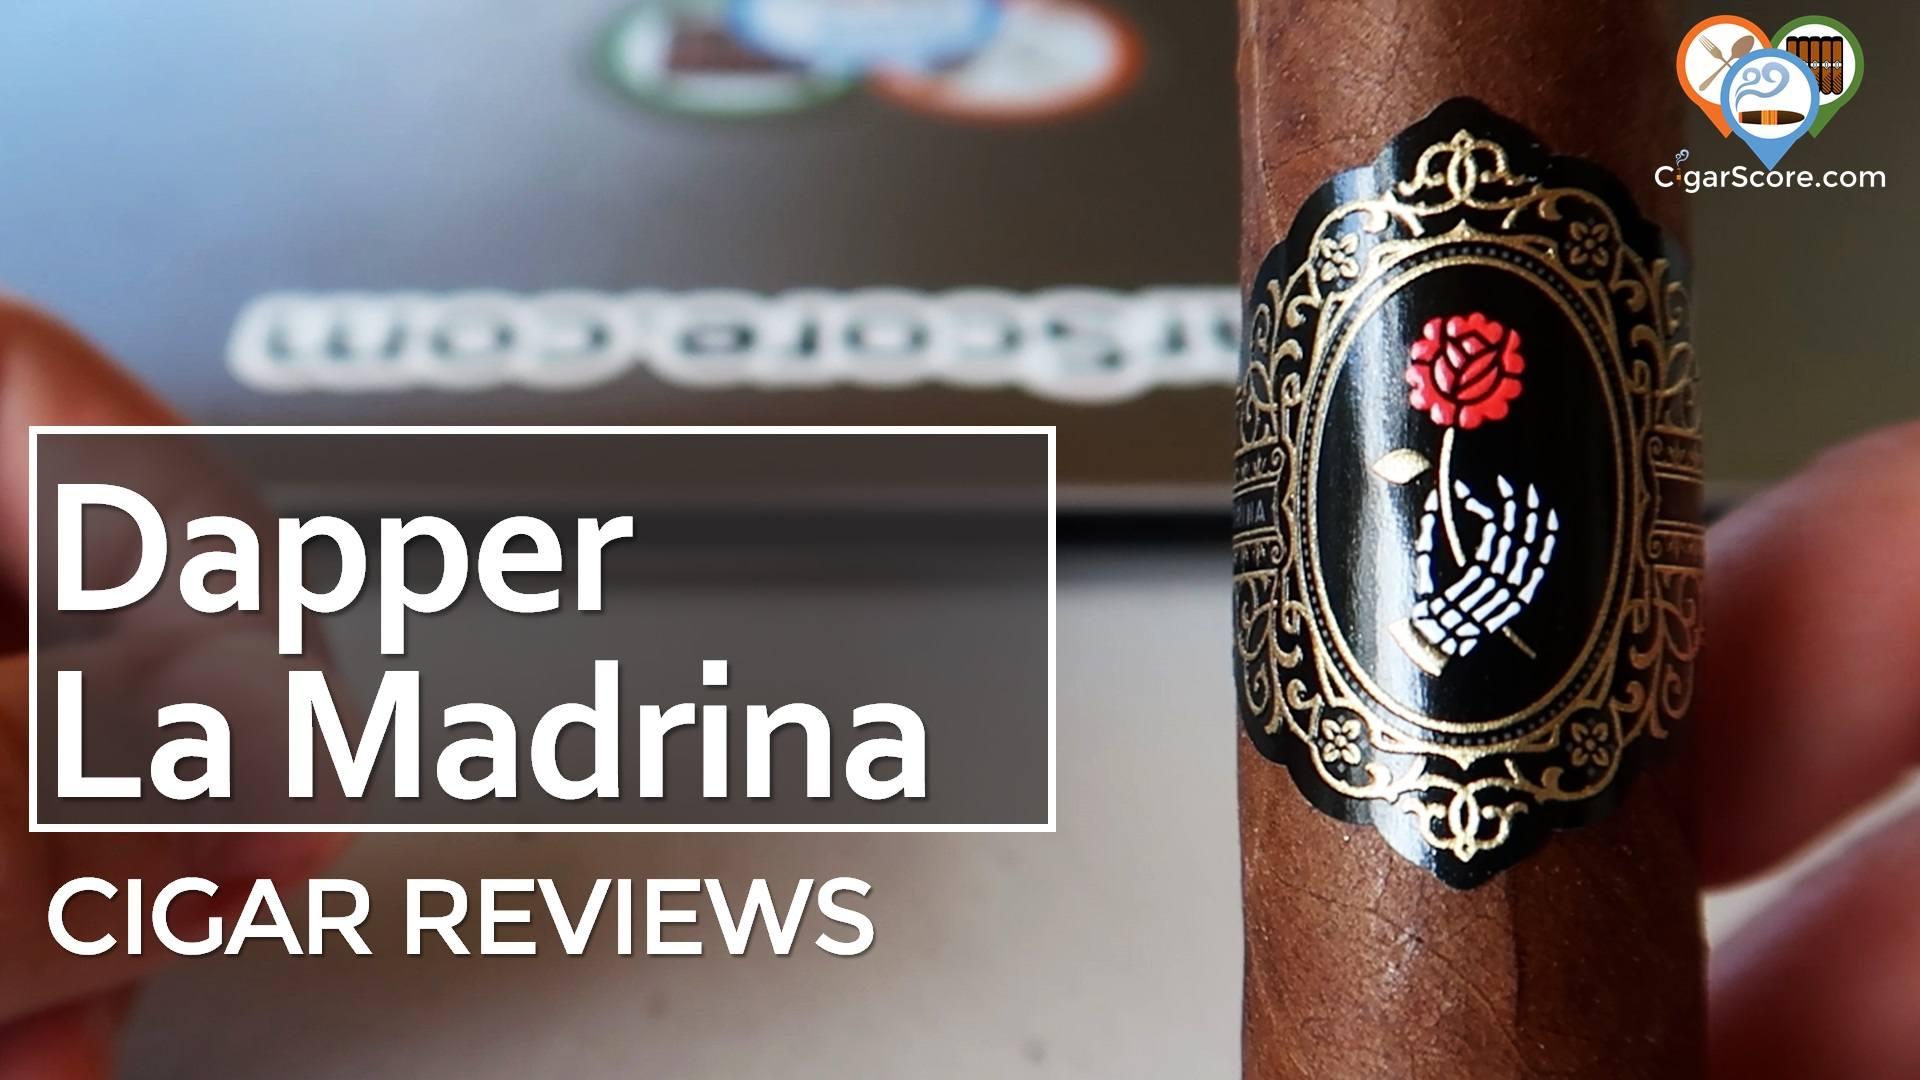 Cigar Review: Dapper La Madrina Toro